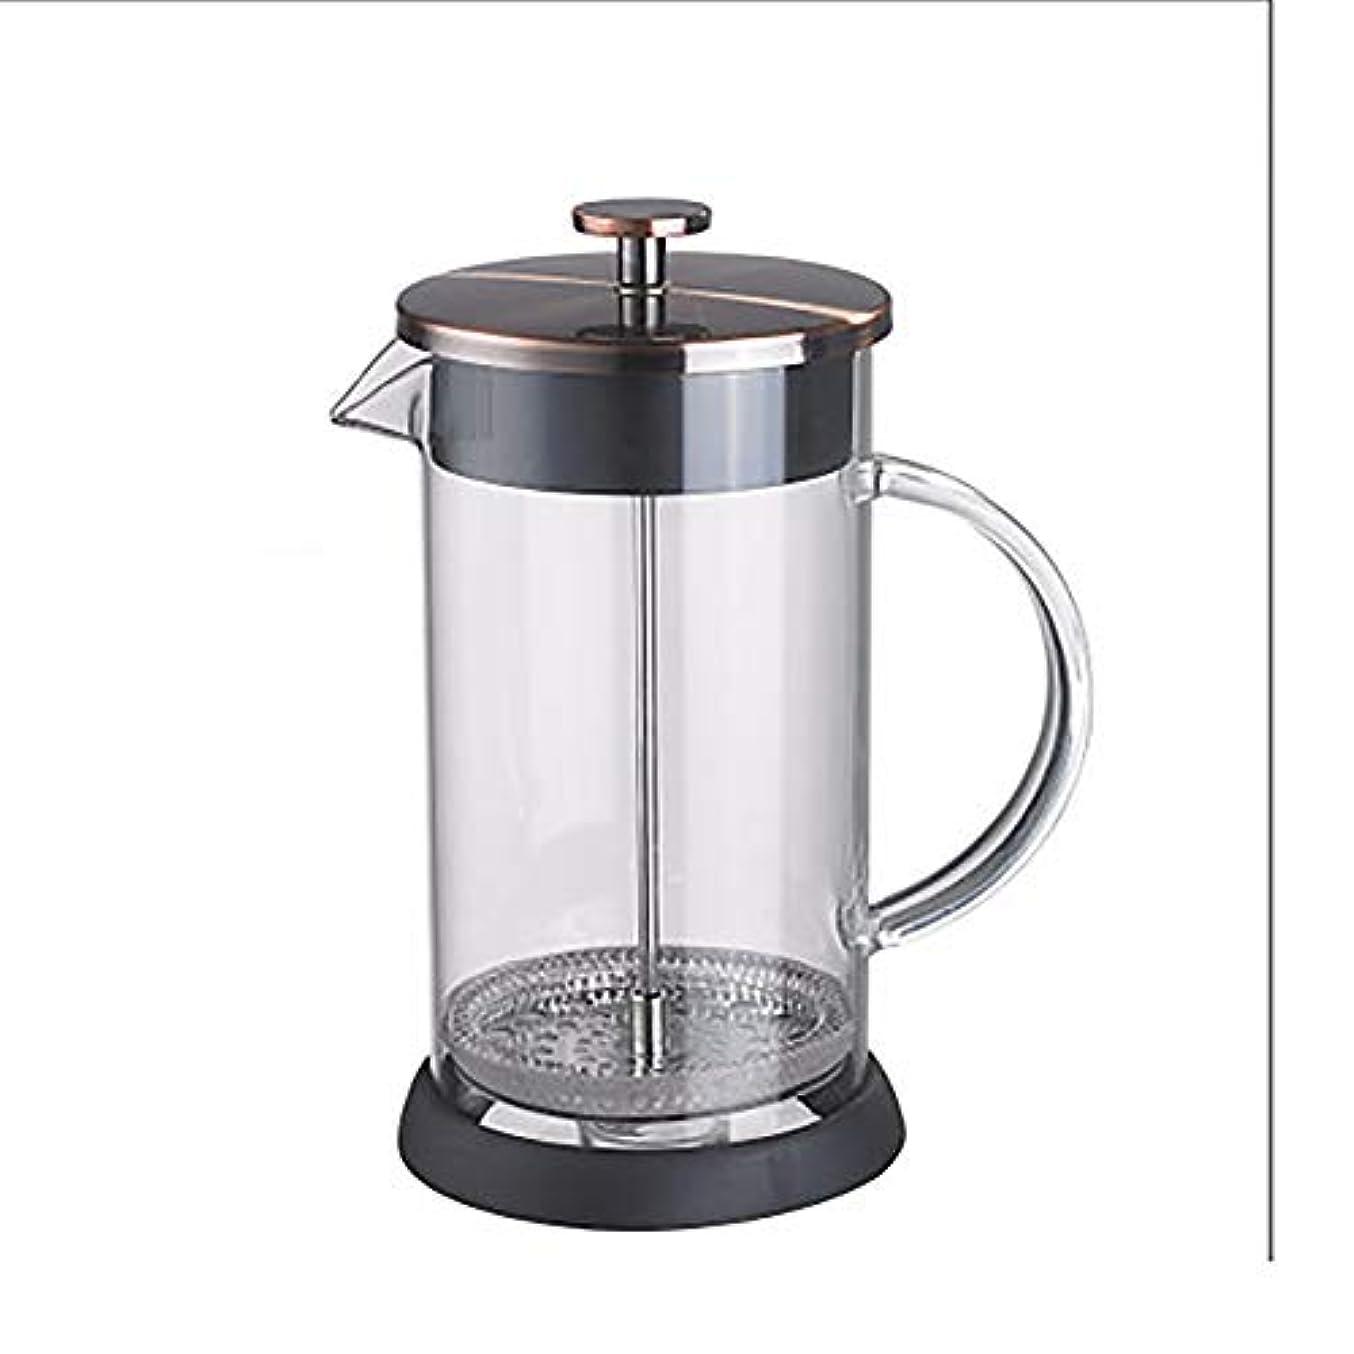 原稿論争的一節フレンチプレスコーヒーメーカー、断熱熱ホウケイ酸ガラス、根拠のない3段ろ過システム、20オンス、600ミリリットル,Brass